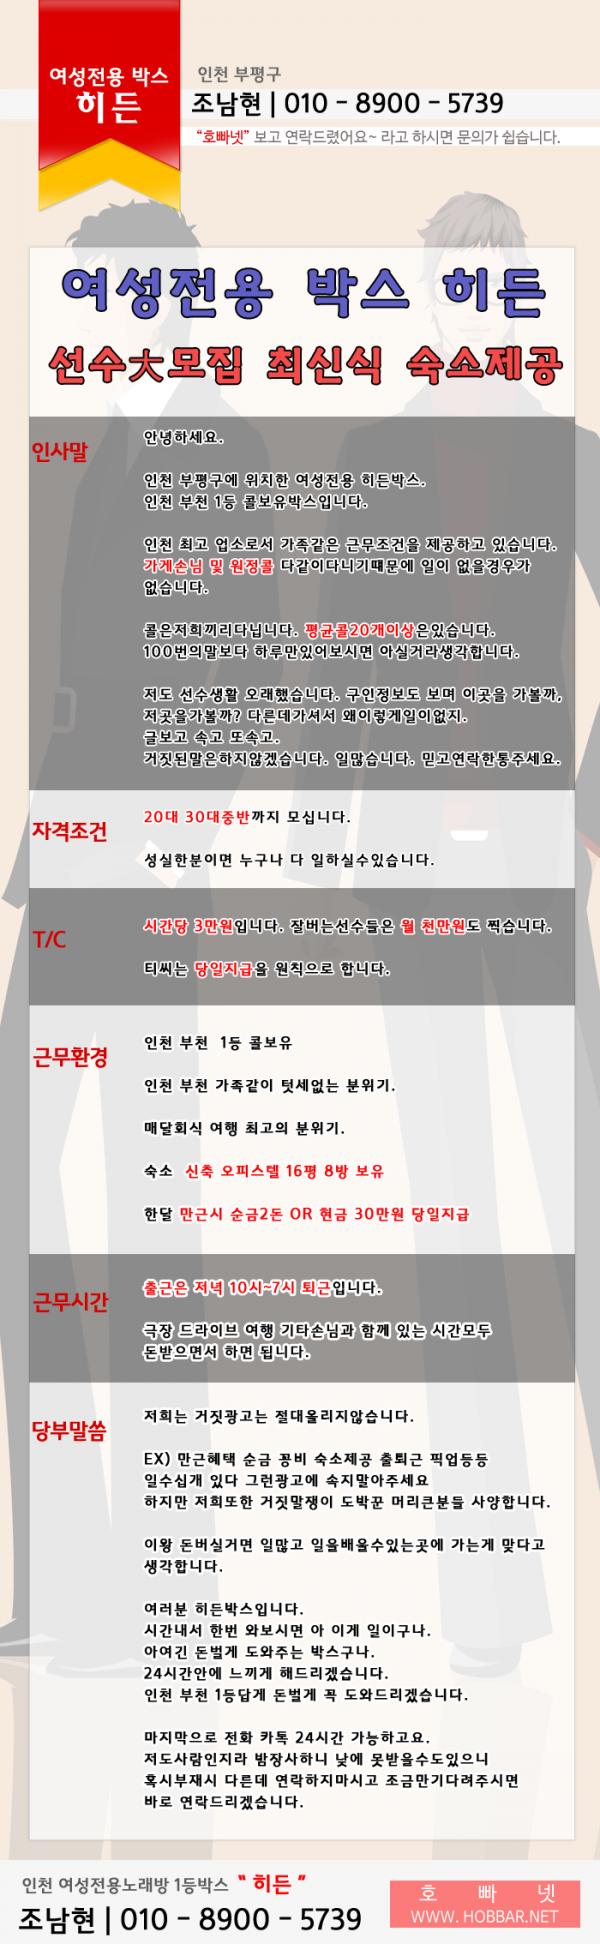 인천 부천 1등박스 히든.png